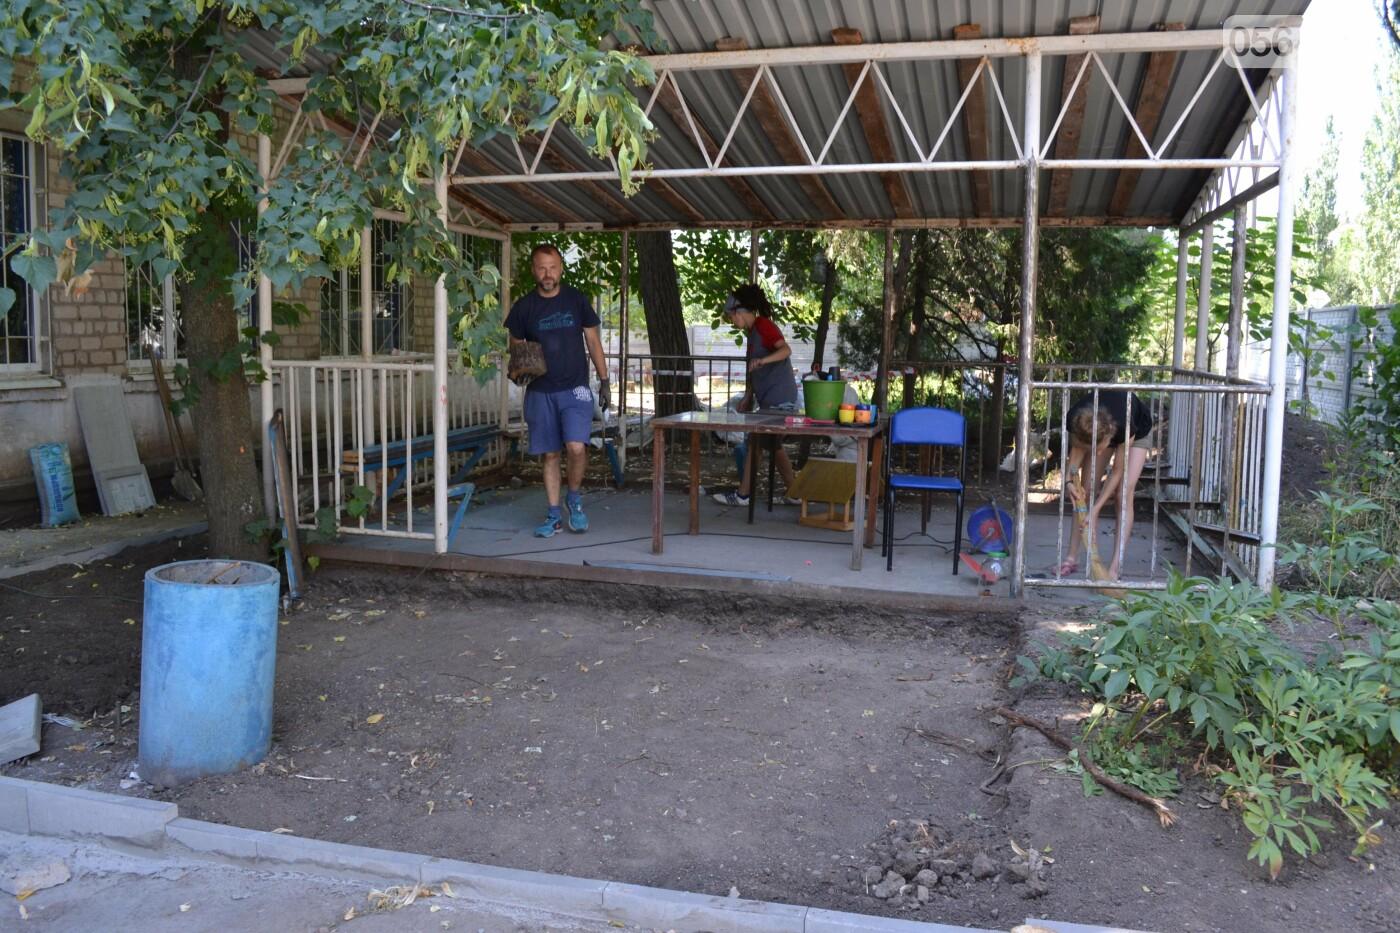 Криворожане продолжают трудиться над созданием уникального арт-пространства для детей и взрослых, - ФОТО, ВИДЕО, фото-32